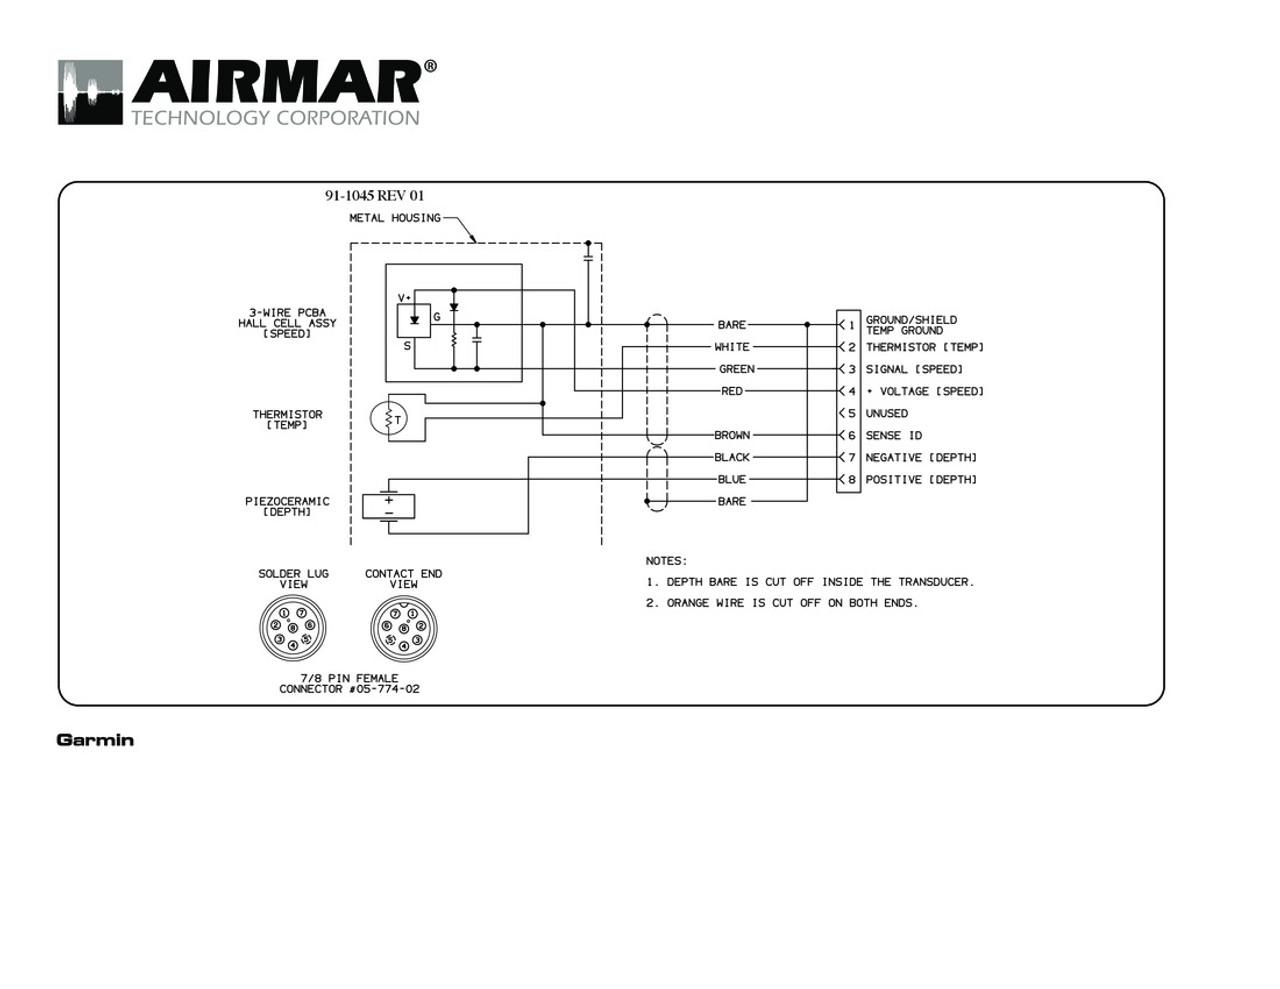 airmar wiring diagram garmin b744 8 pin d s t blue bottle marine garmin marine wiring diagrams [ 1280 x 989 Pixel ]